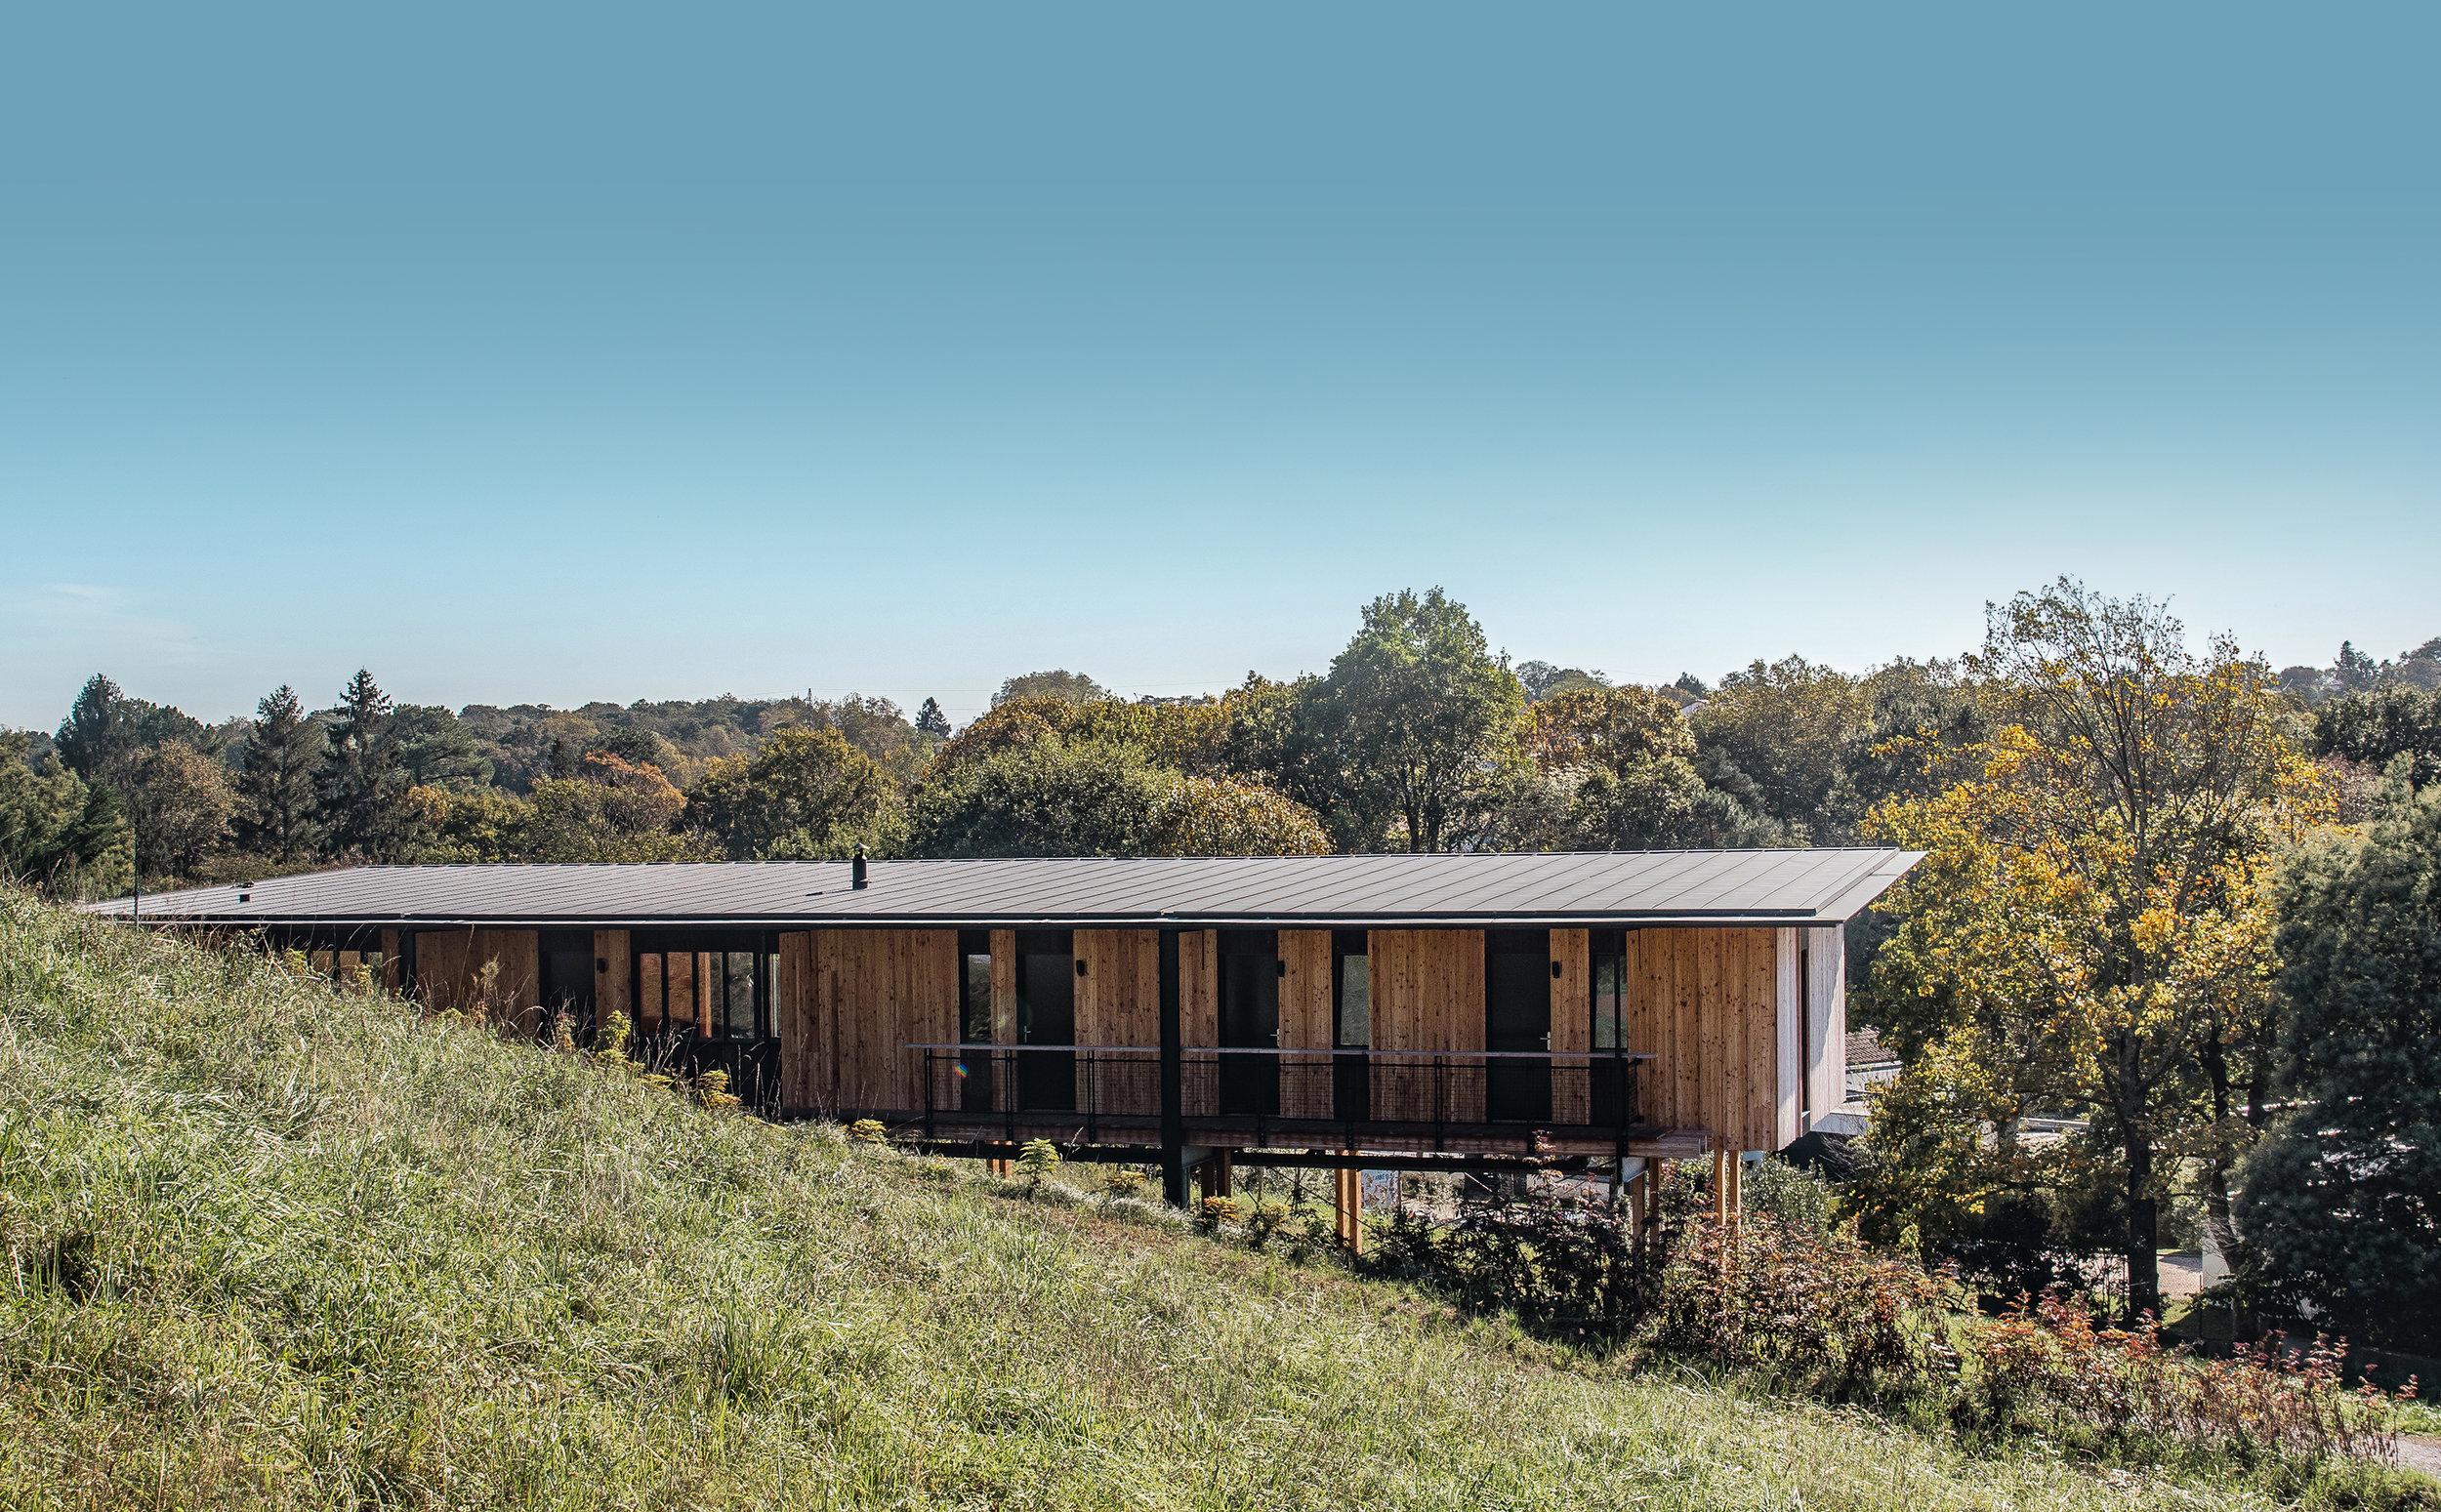 maison écologique - carole magot - beltza-architecture.com - biarritz - CLT - mélèze